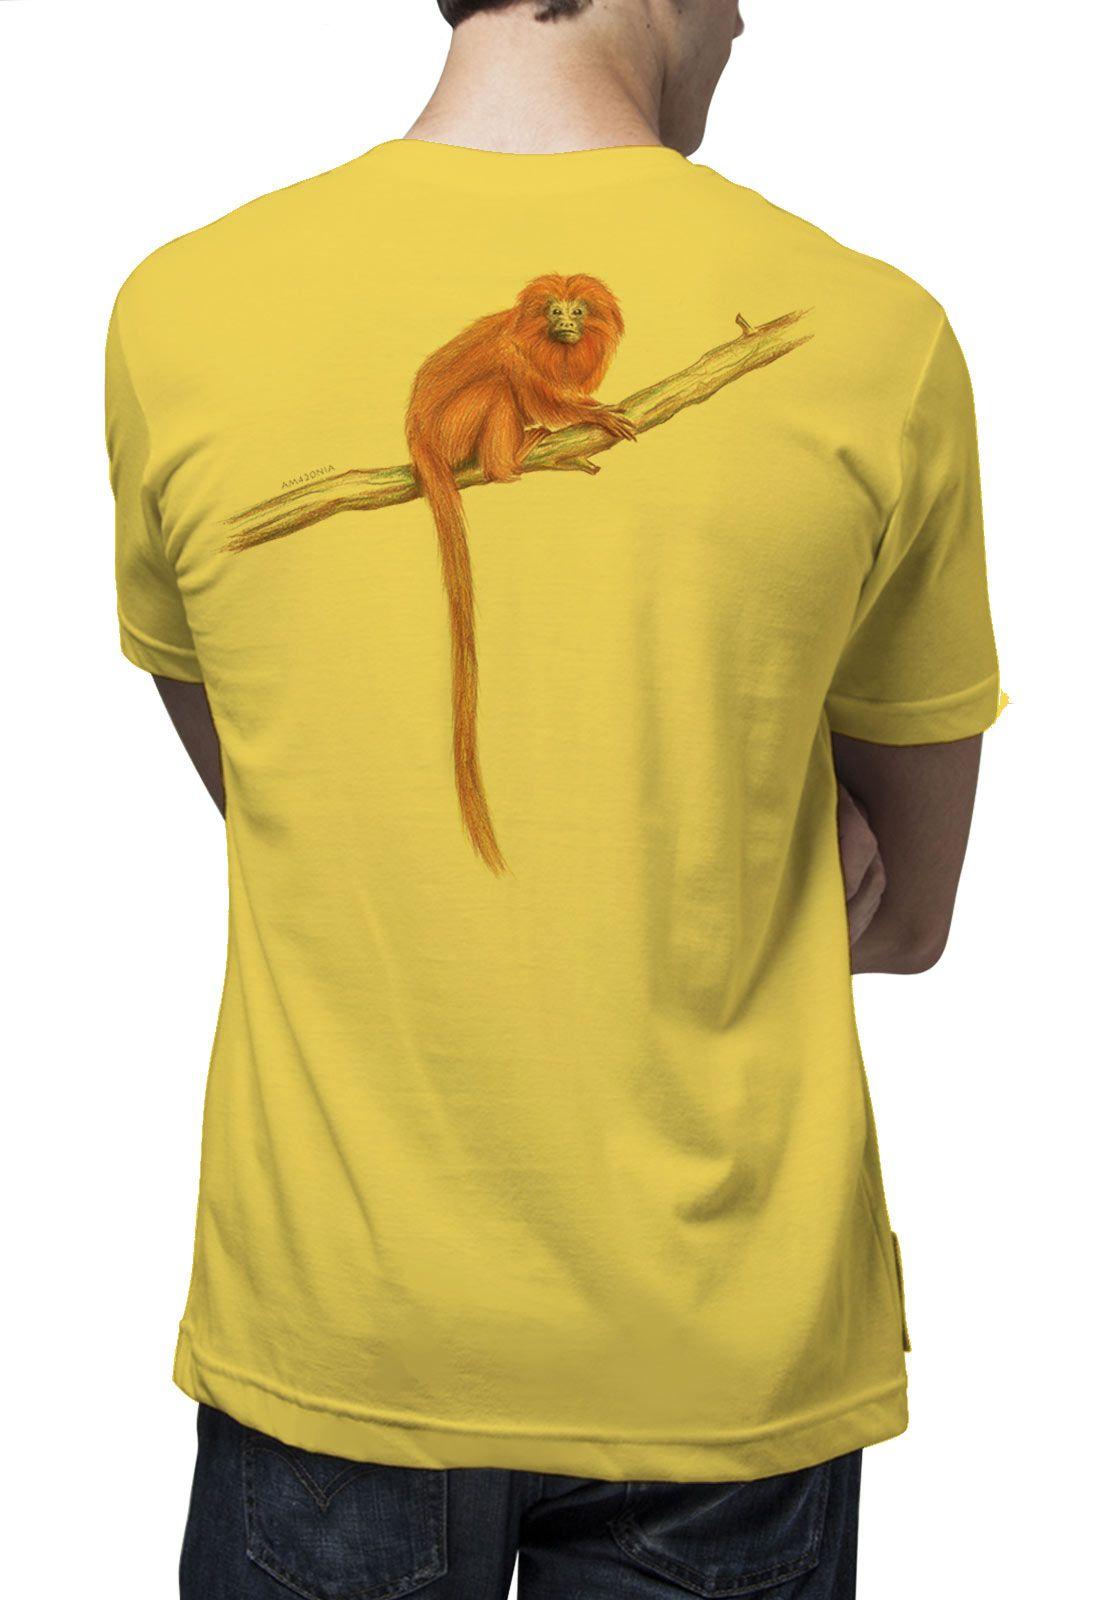 Camiseta Amazônia Mico Leão Dourado - Amarelo Claro